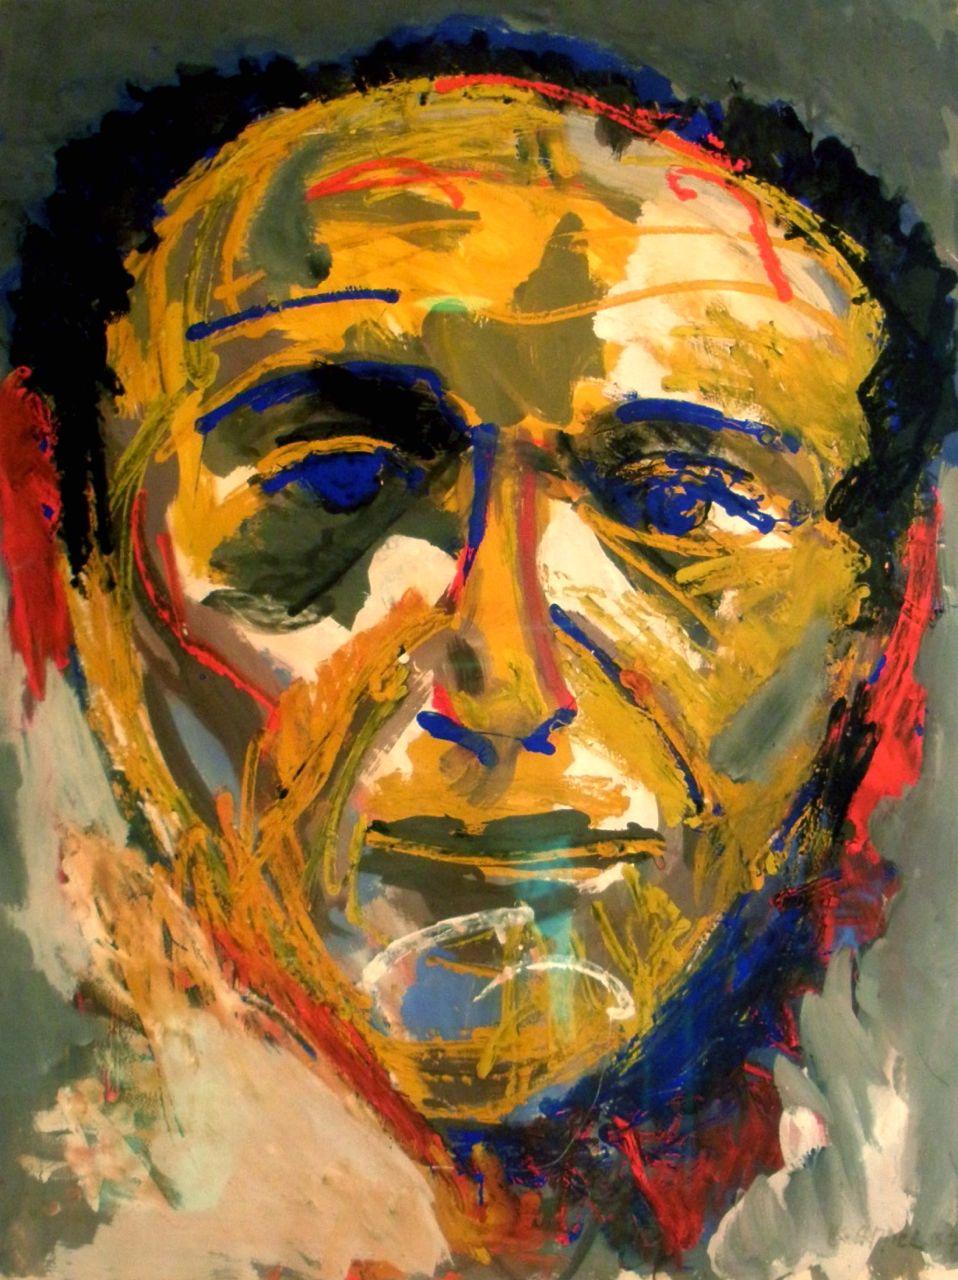 Uitzonderlijk Karel Appel paintings @AA87